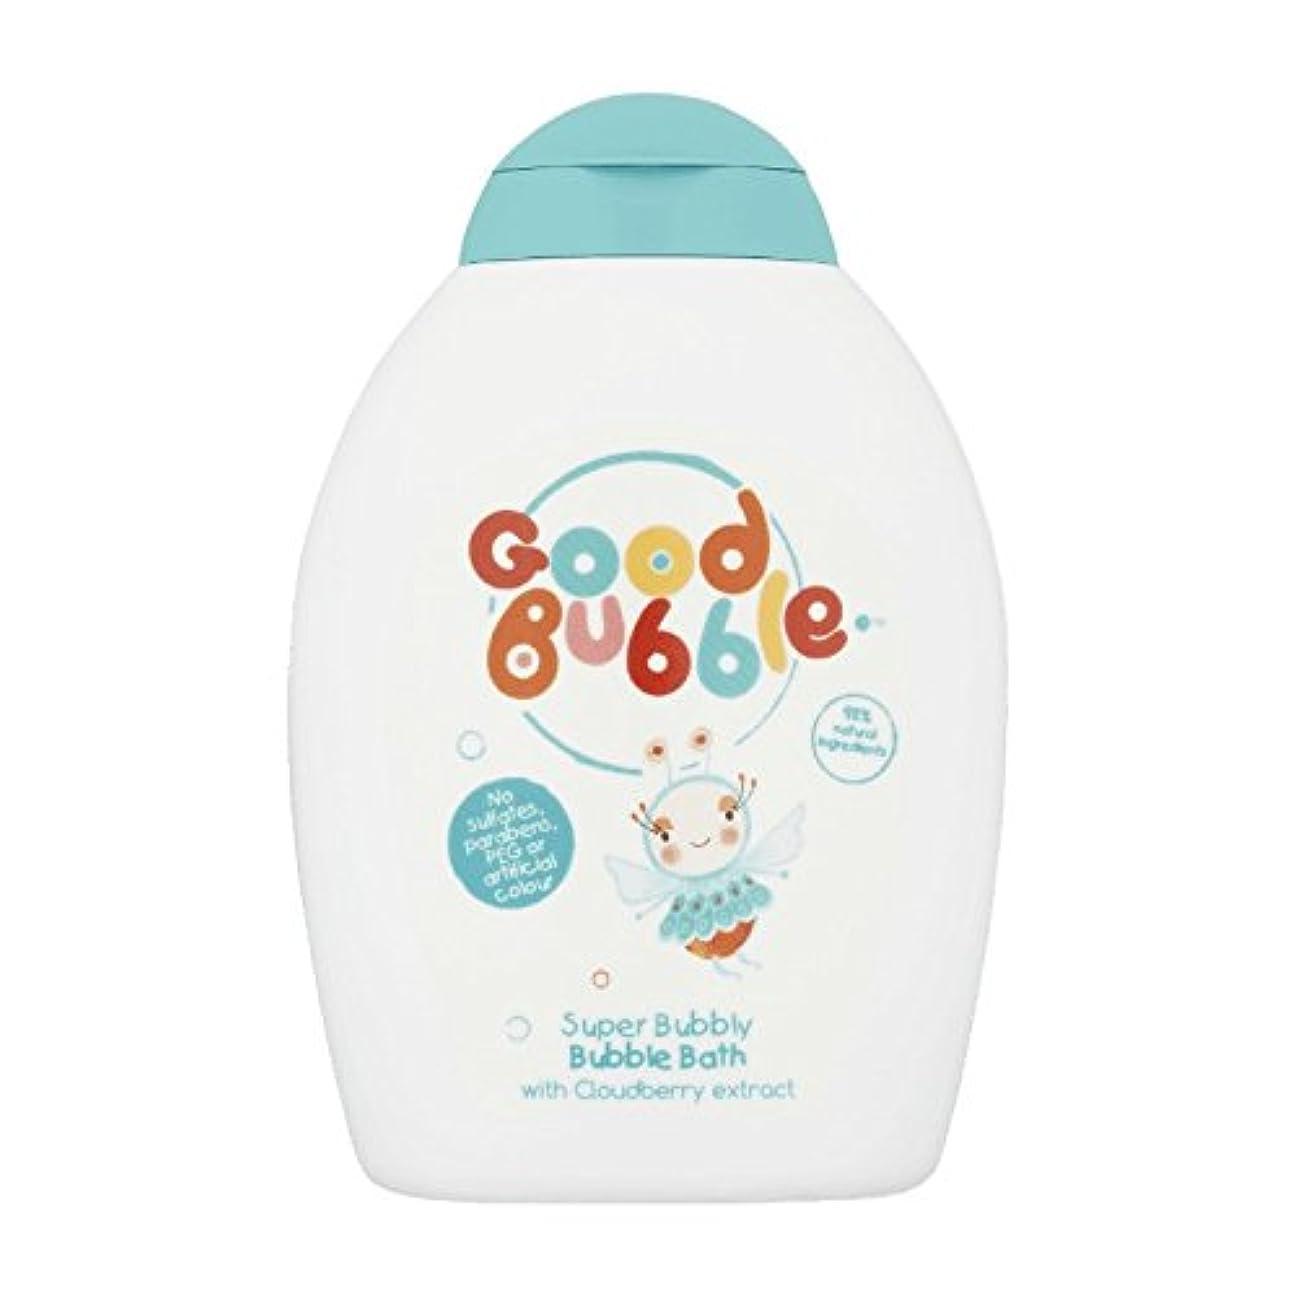 制限された極端なガイダンスGood Bubble Cloudberry Bubble Bath 400ml (Pack of 6) - 良いバブルクラウドベリーバブルバス400ミリリットル (x6) [並行輸入品]